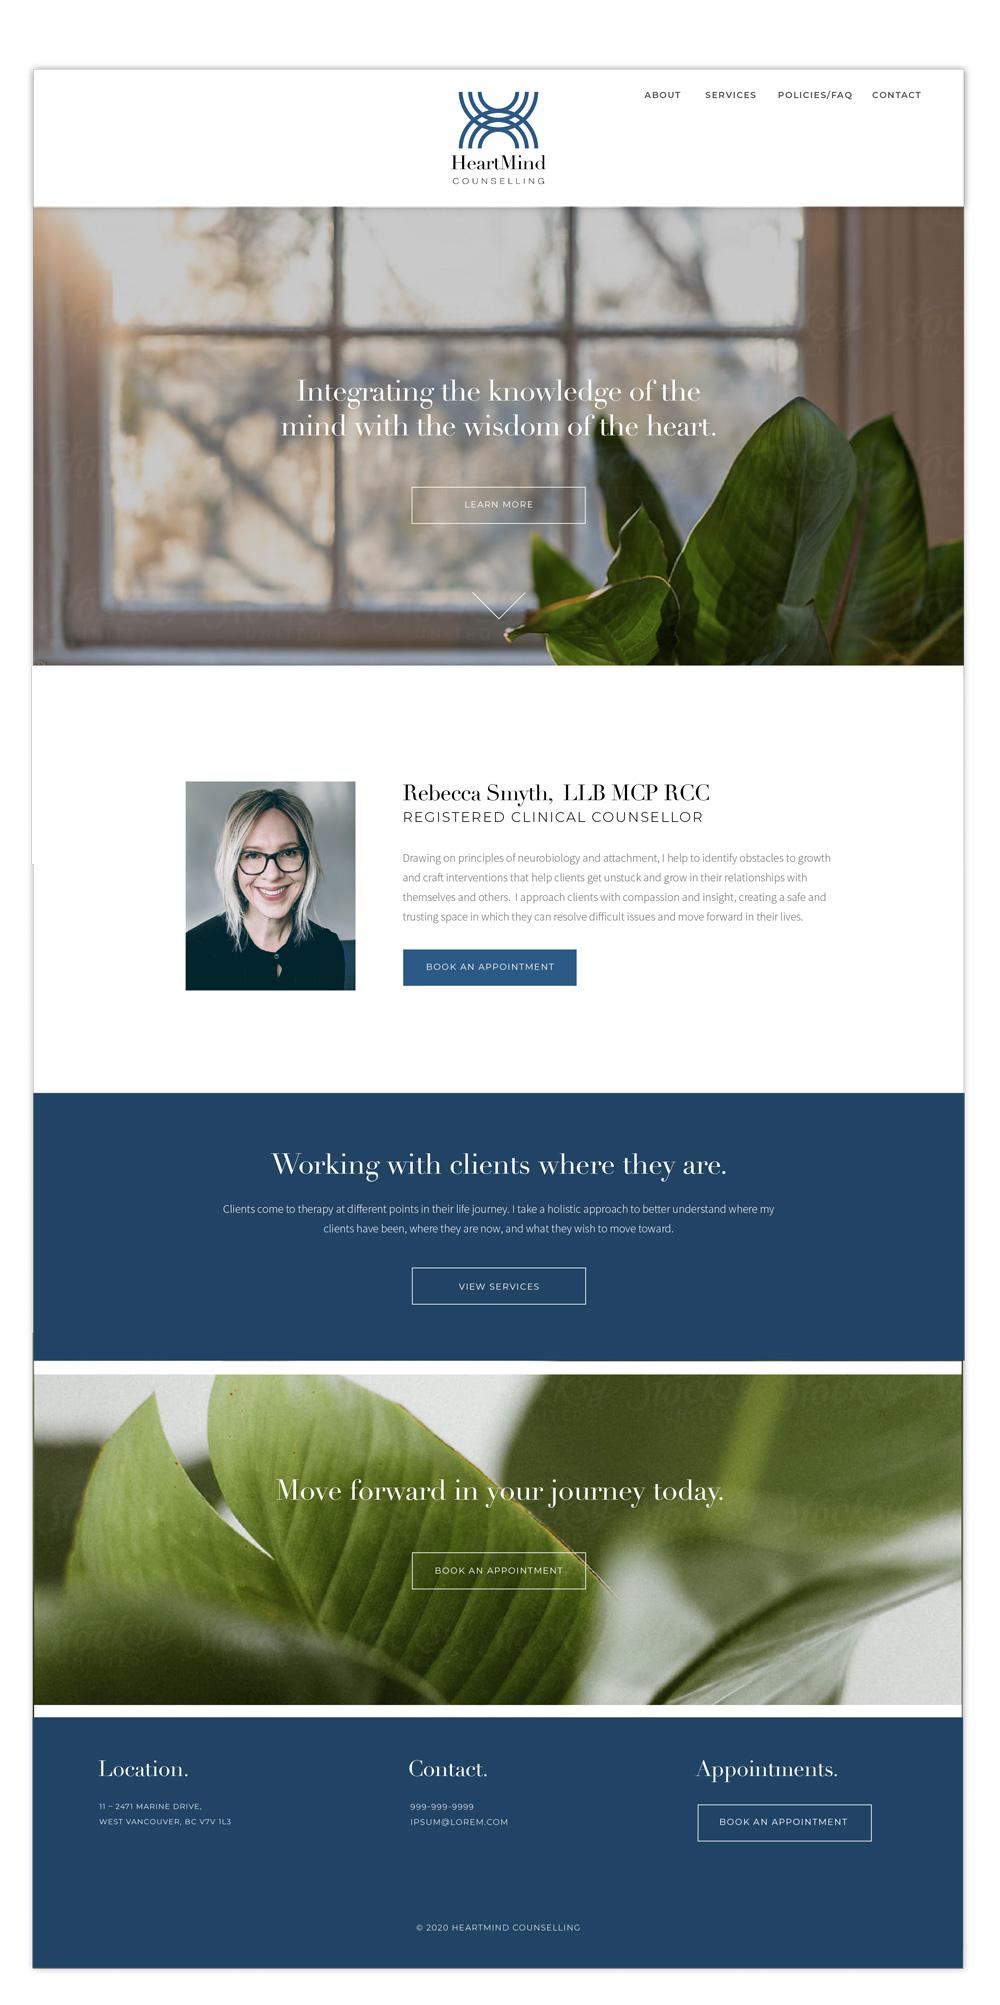 HMC website design